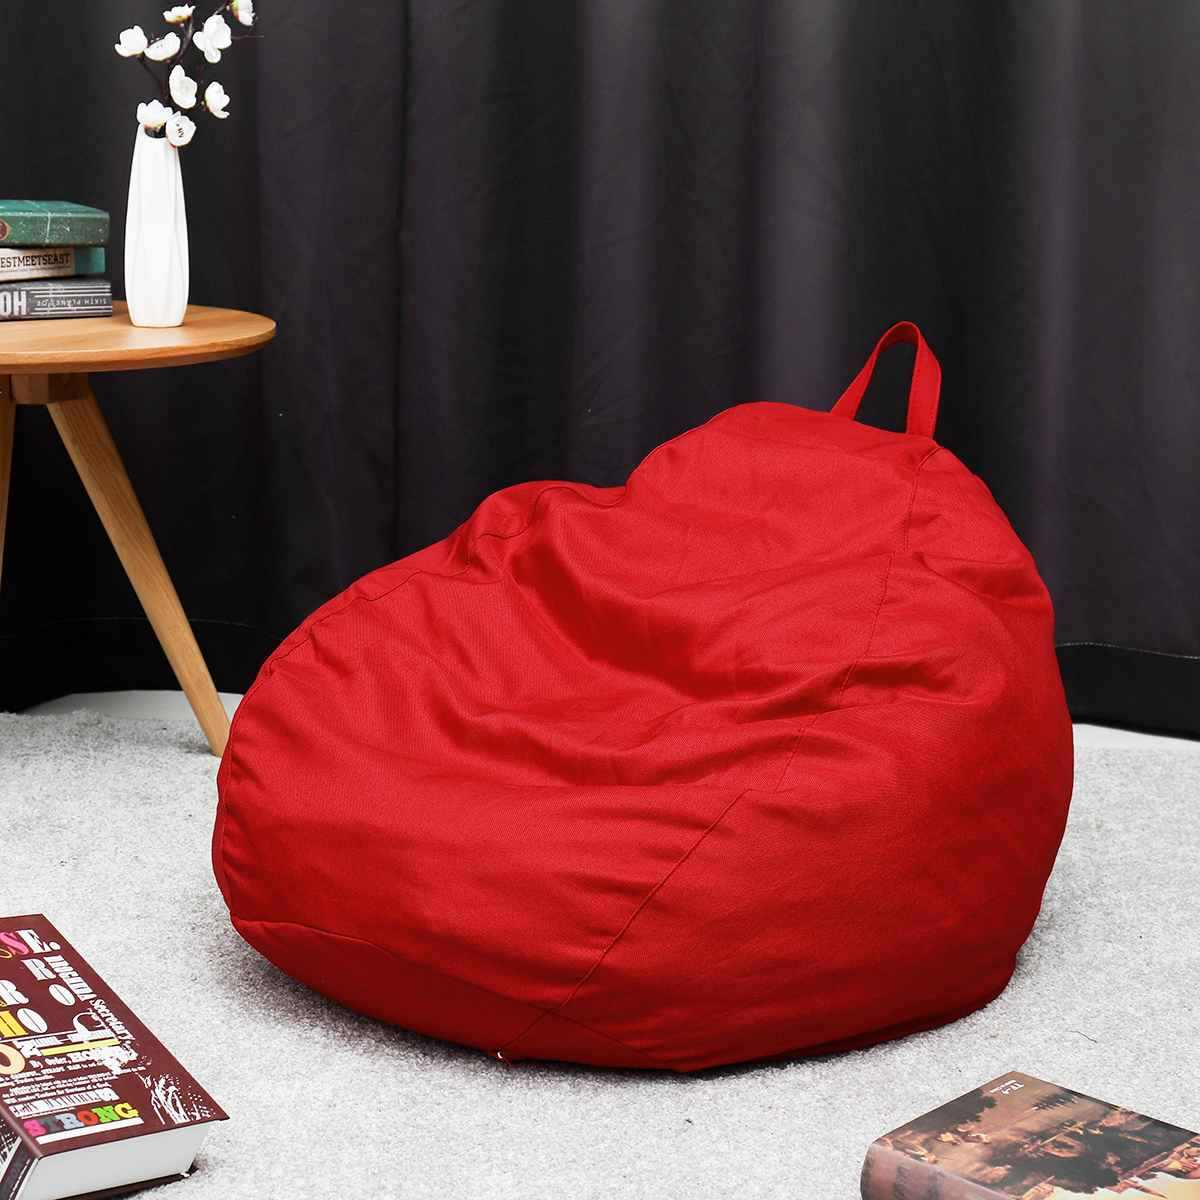 13 цветов уютное кресло-мешок покрывало на диван стулья без наполнителя льняная ткань шезлонг кресло мешок пуф диван татами гостиная